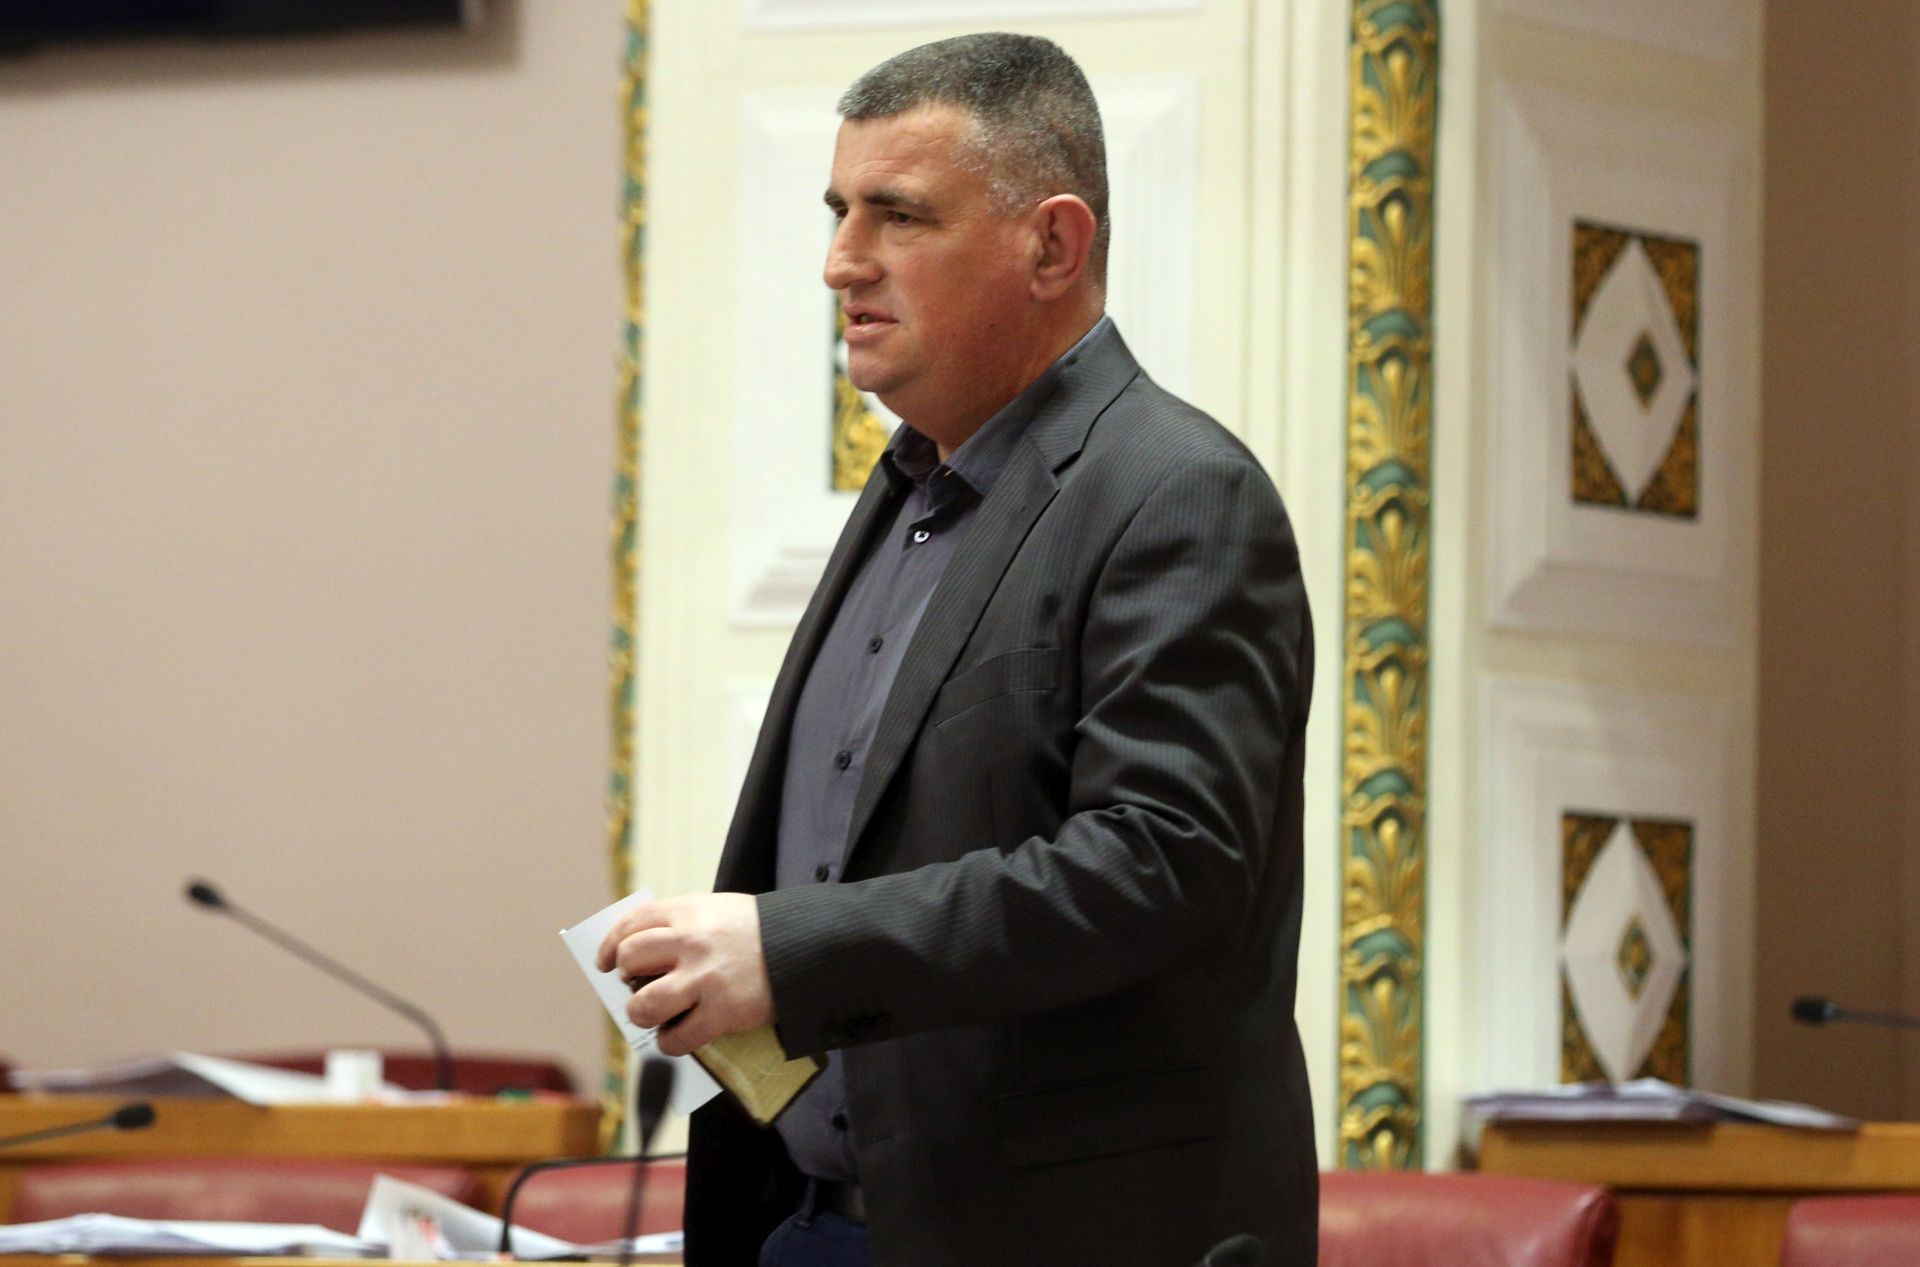 BULJ 'Plenkoviću nećeš doći dalje od koalicije s Pupovcem i Sauchom'